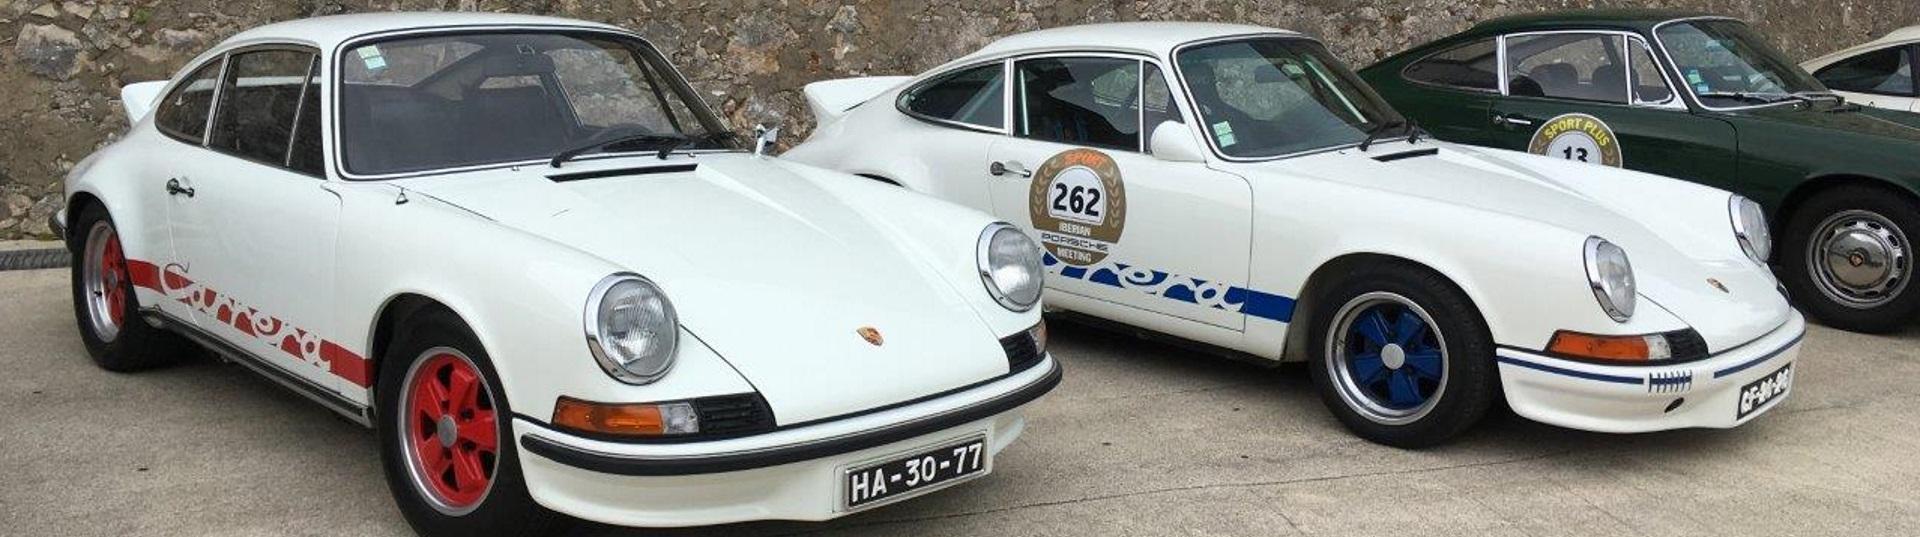 Porsches brancos_1920